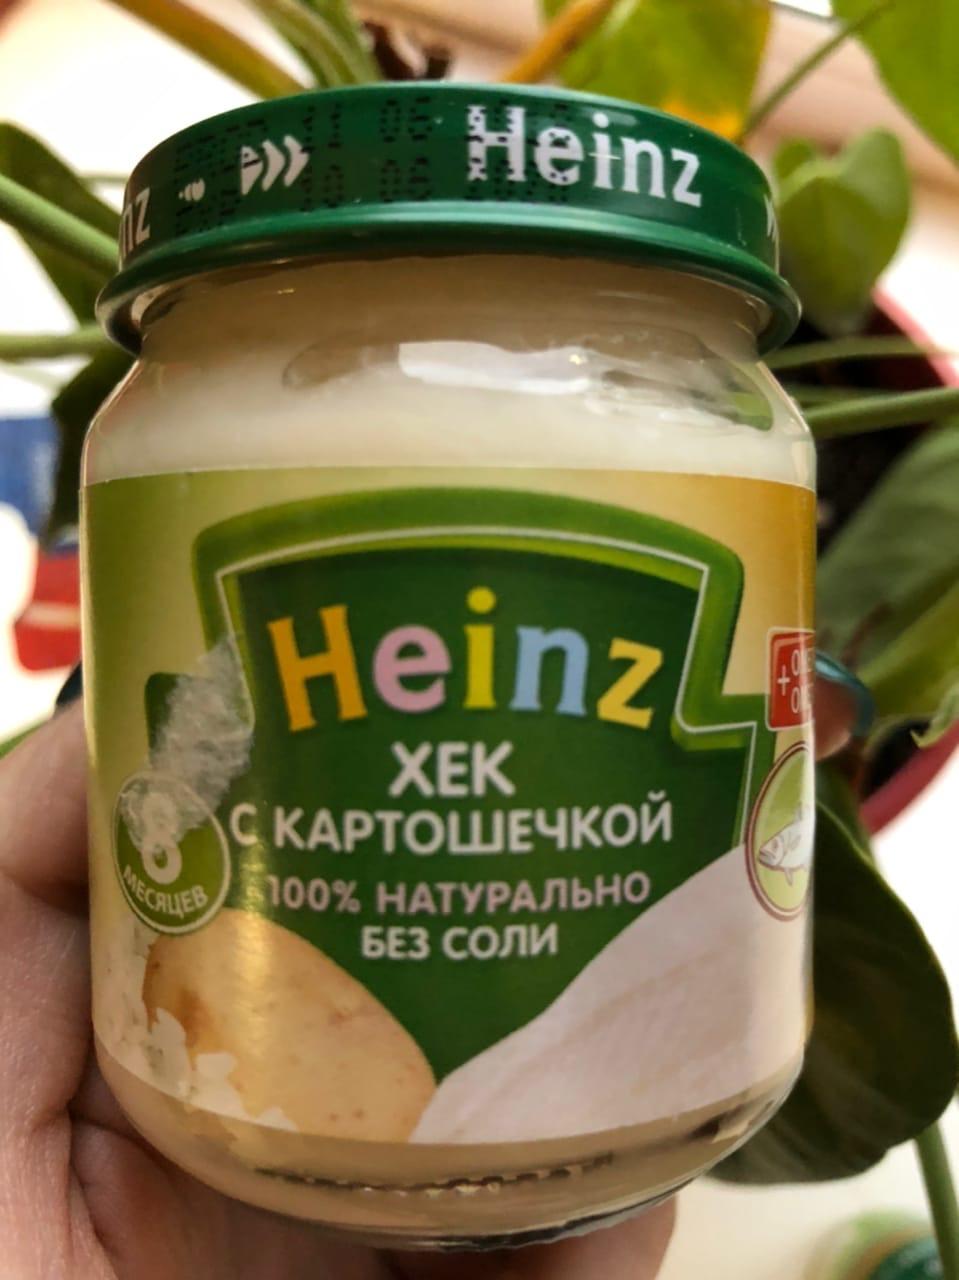 Heinz хек с картофелем - Уже едим рыбку, как взрослые!